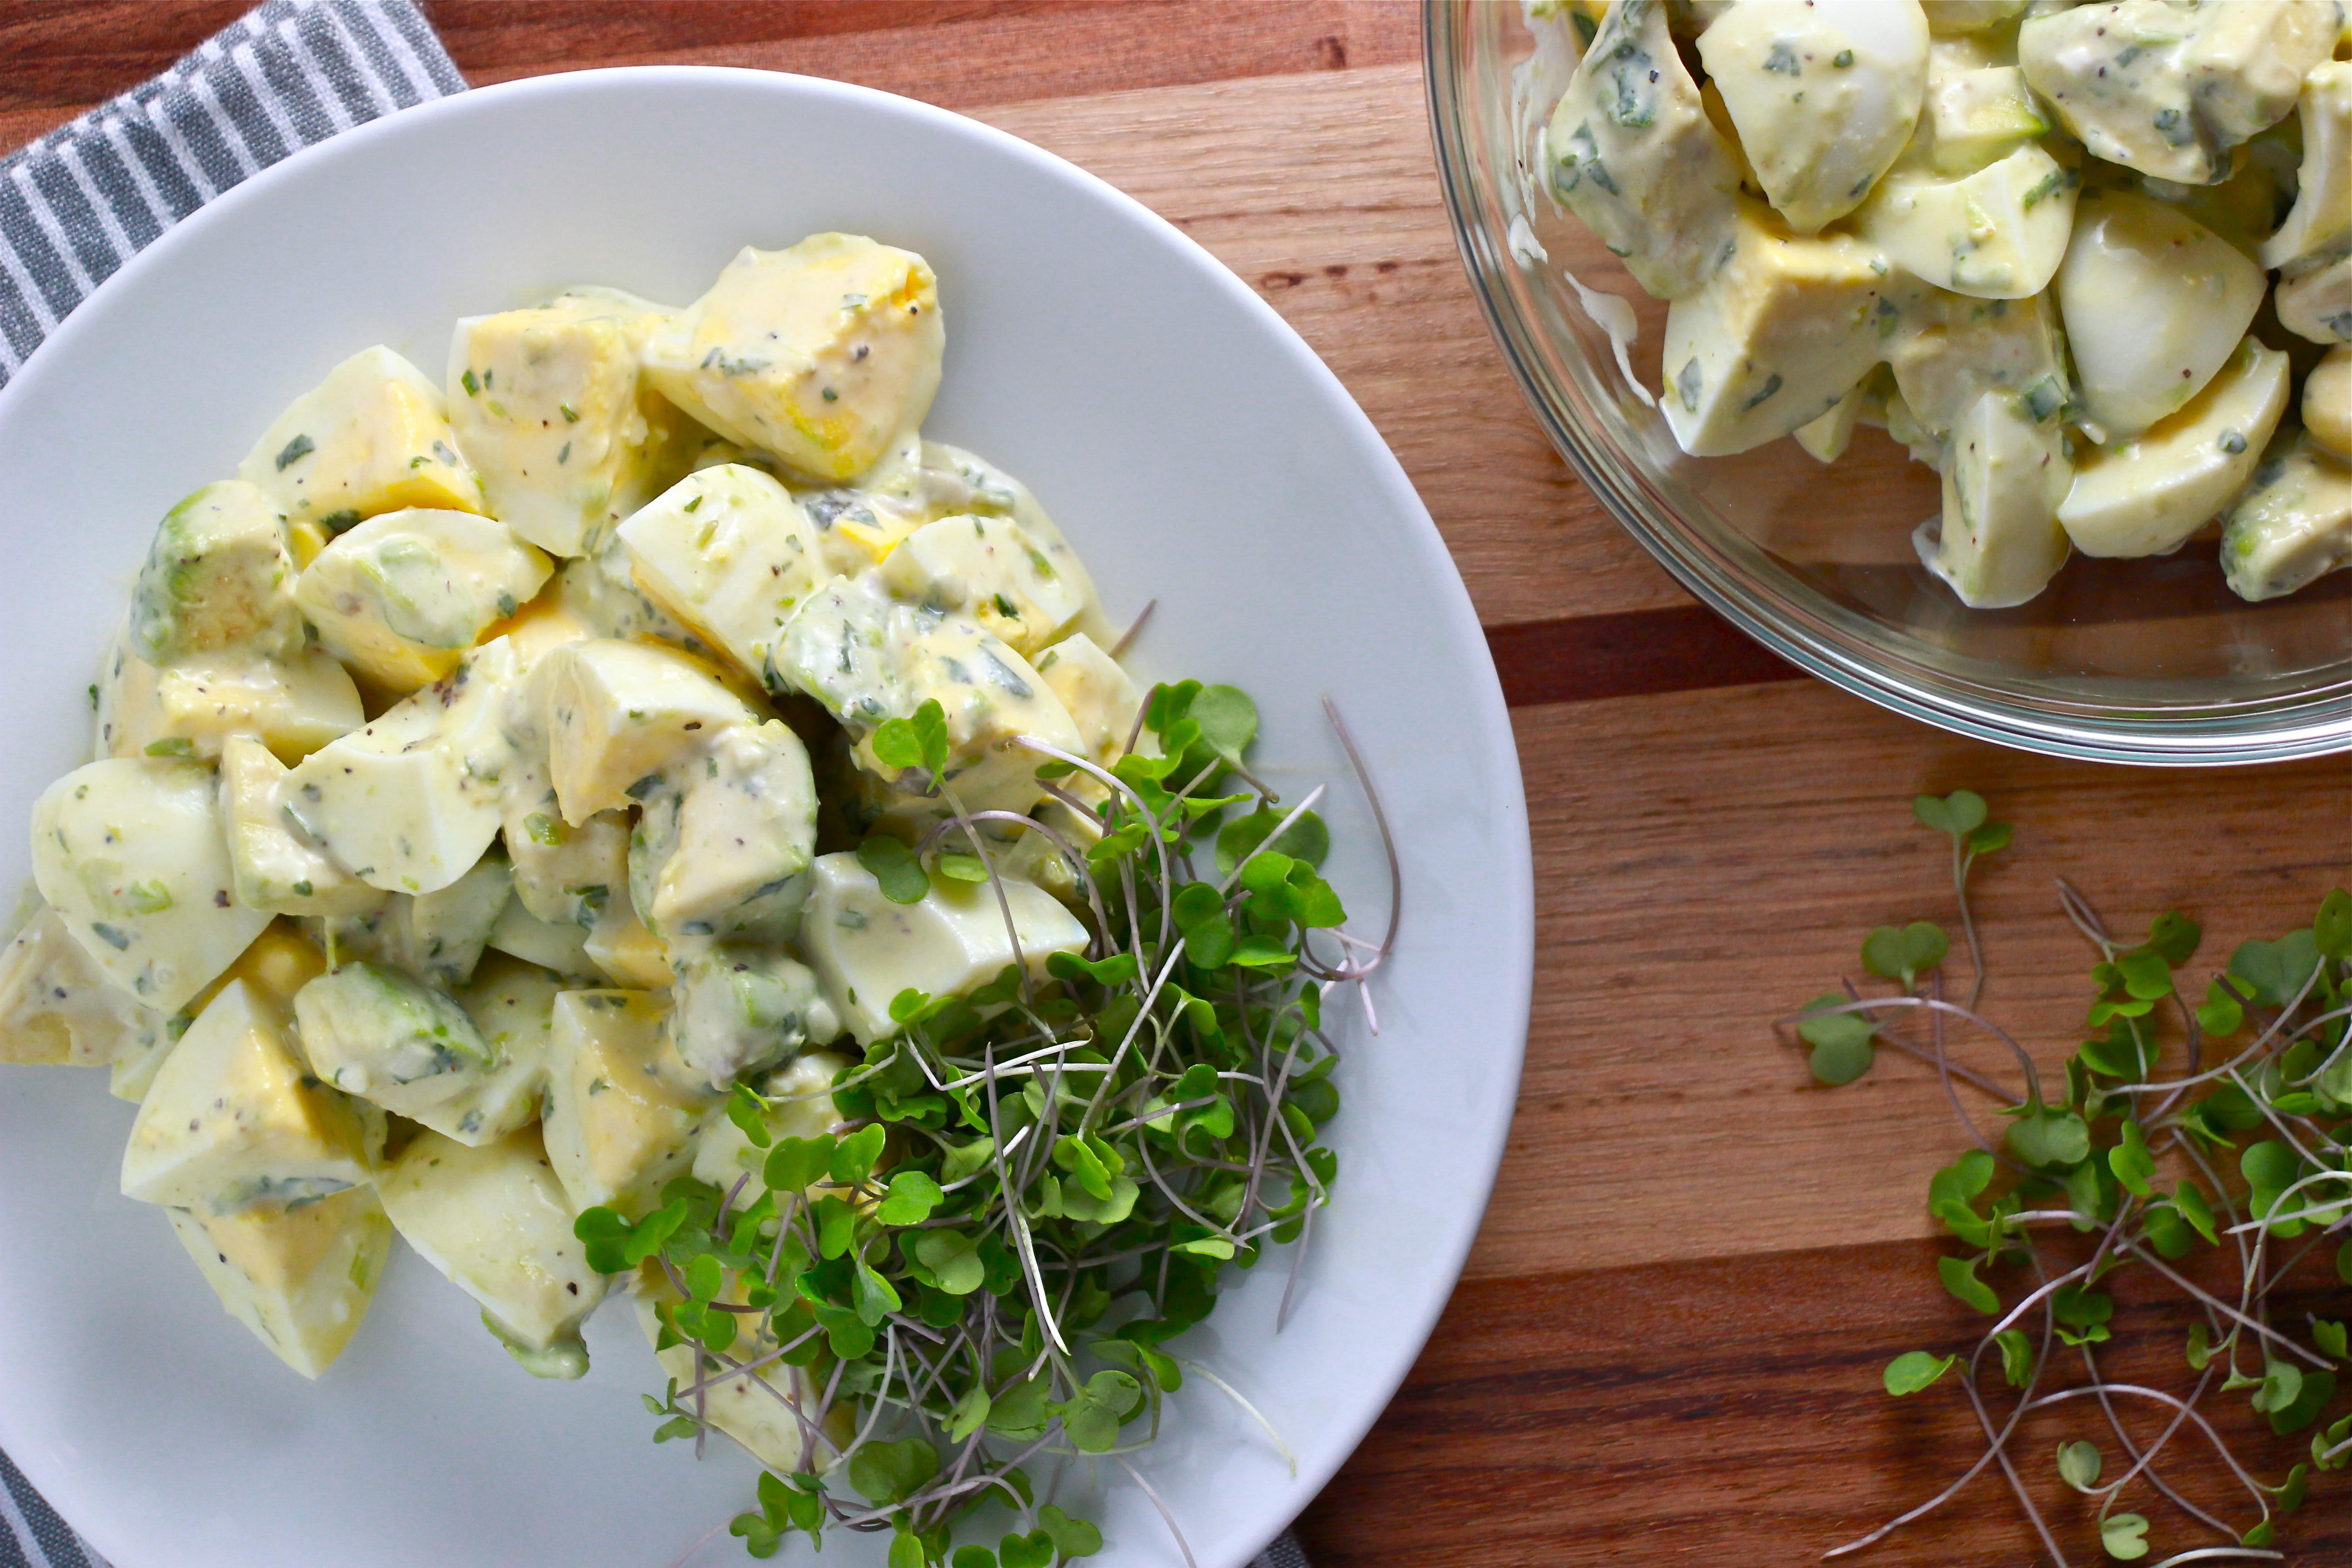 Green Goddess Egg and Avocado Salad